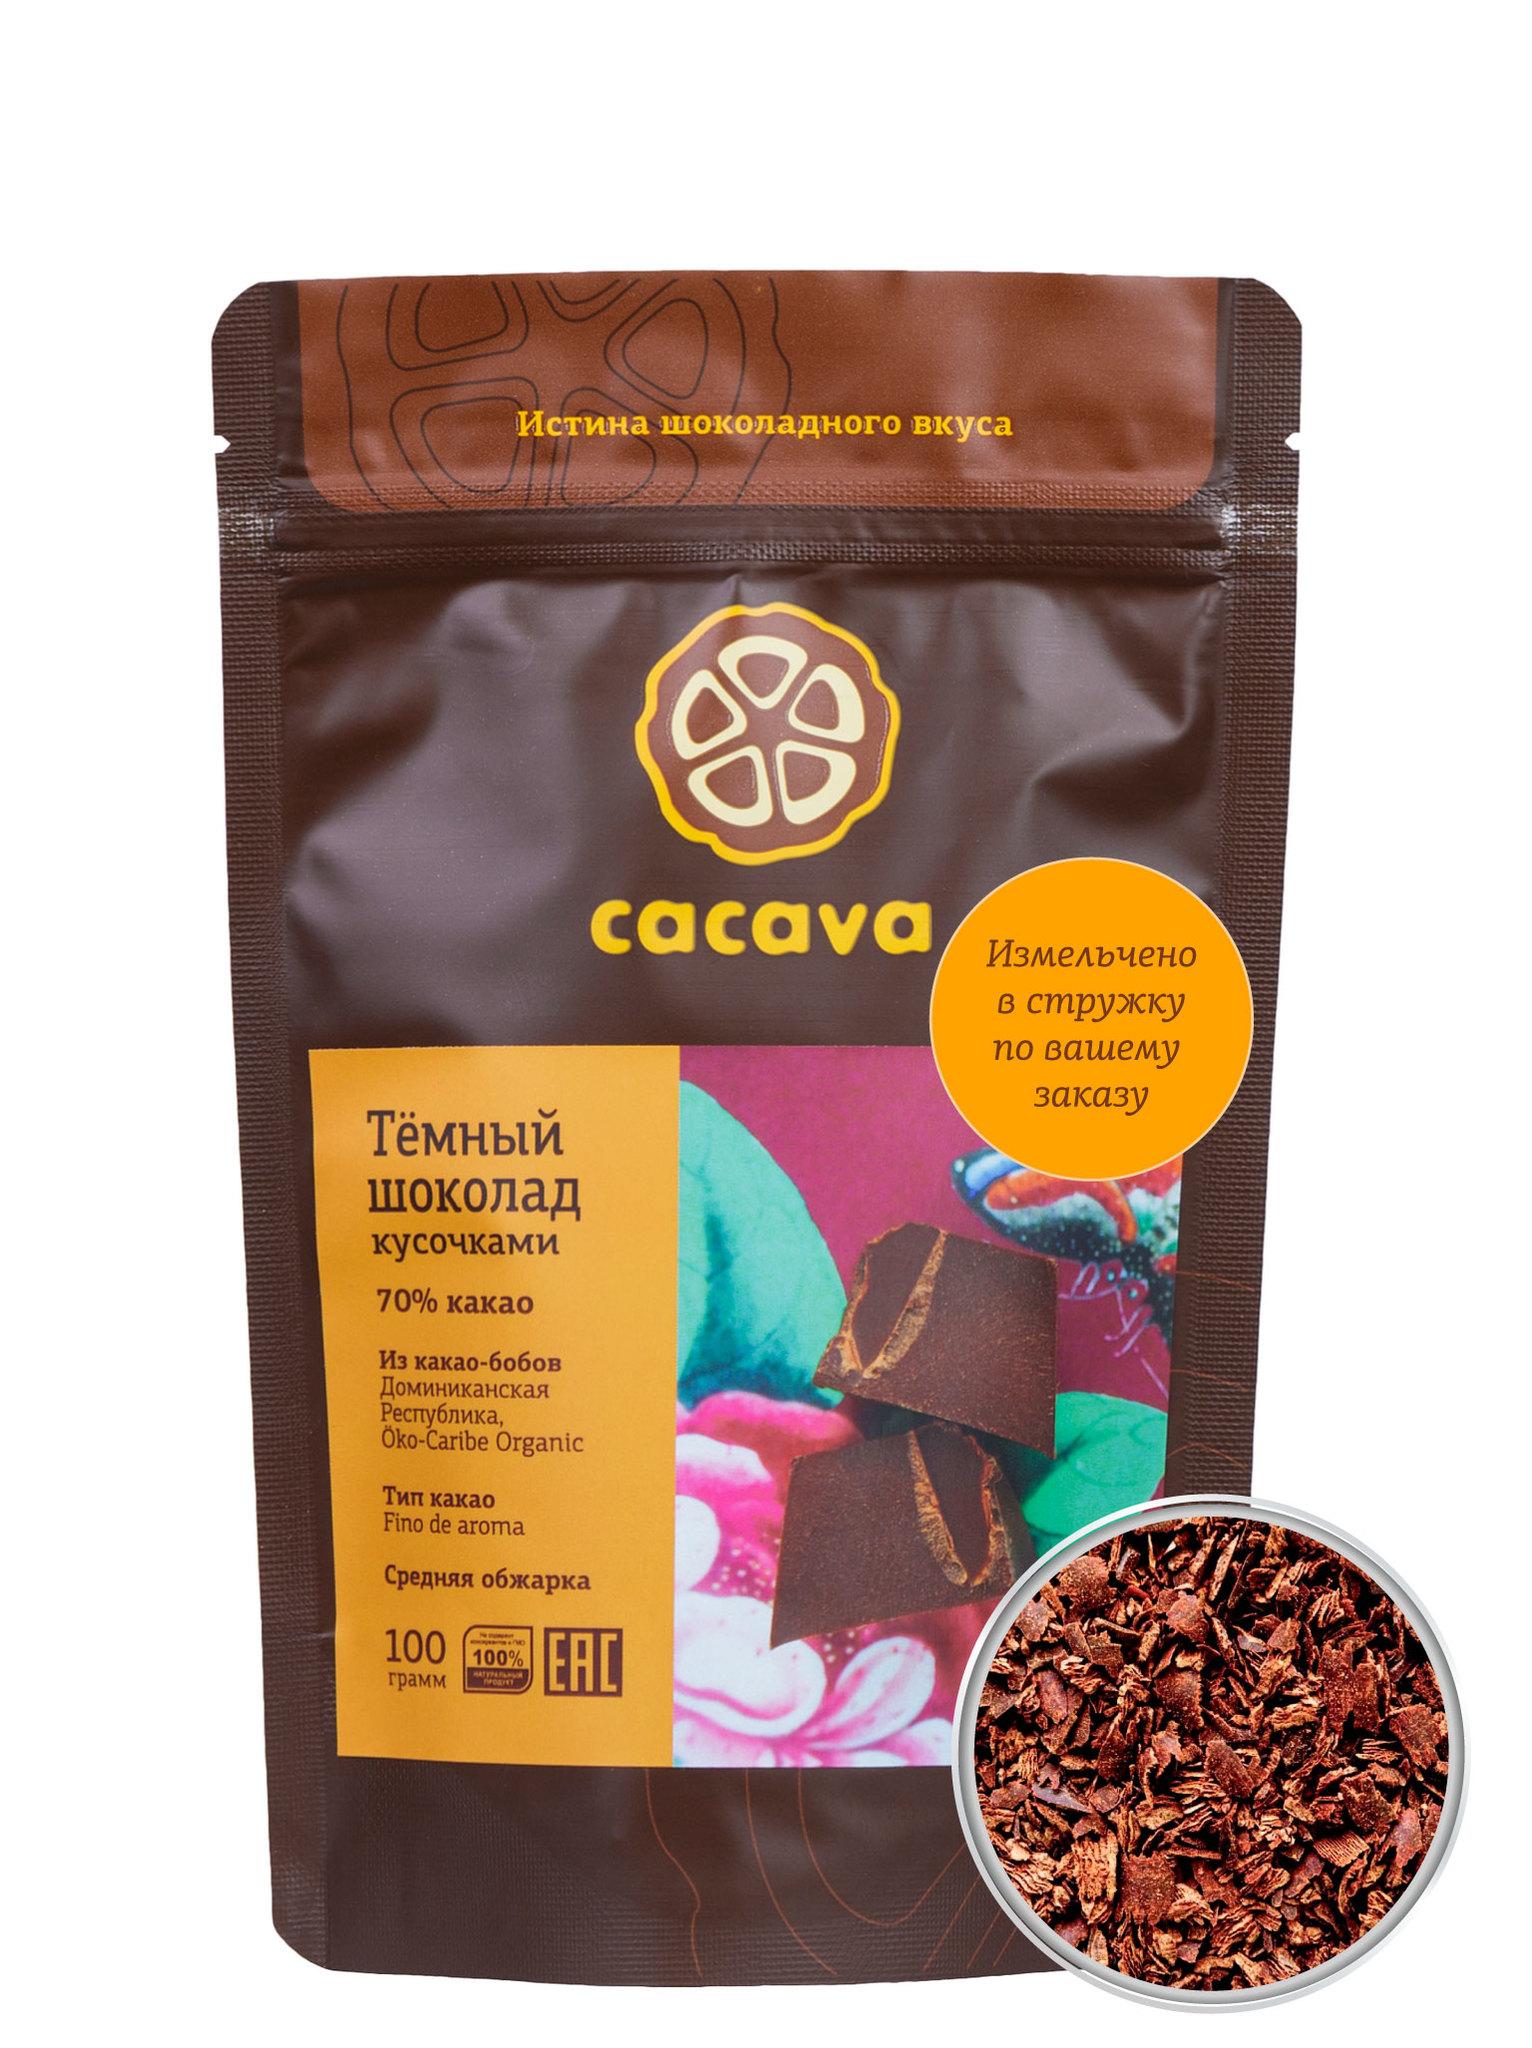 Тёмный шоколад 70 % какао в стружке (Доминикана, ÖKO CARIBE), упаковка 100 грамм